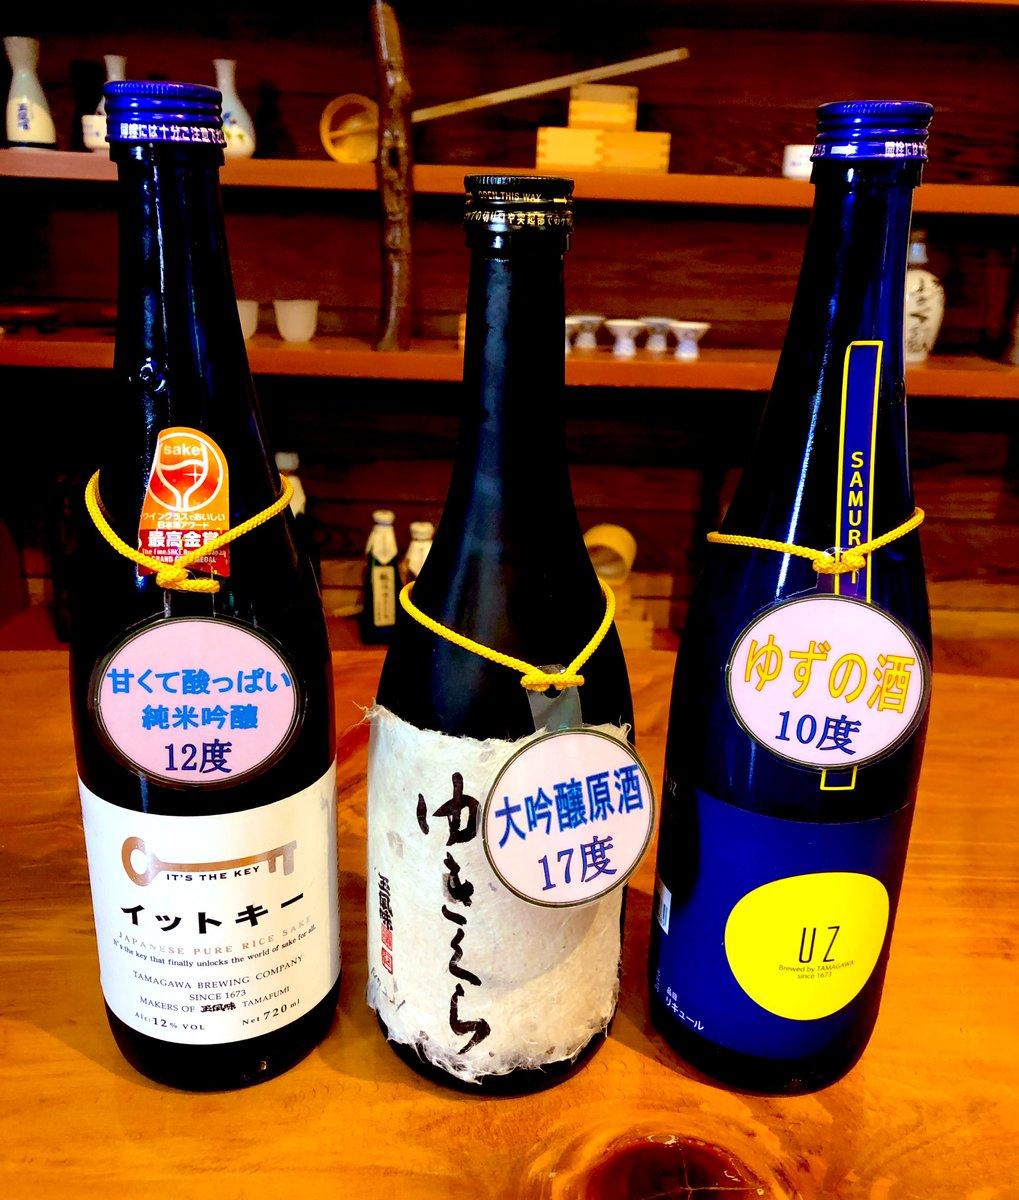 test ツイッターメディア - 友達実家近くの酒蔵。 雪室めっちゃ涼しかった(*´Д`*)  越後須原駅から歩いて数分、46度のファンキーな日本酒で有名な玉川酒造。  イチオシは雪室で熟成させる大吟醸原種。口当たり良くスイスイ飲めます♡ 女性向けのグラスで飲む甘口の日本酒や果実酒もあります。  #カビゴーヌの美味しい楽しい https://t.co/ttmJ6PnTbz